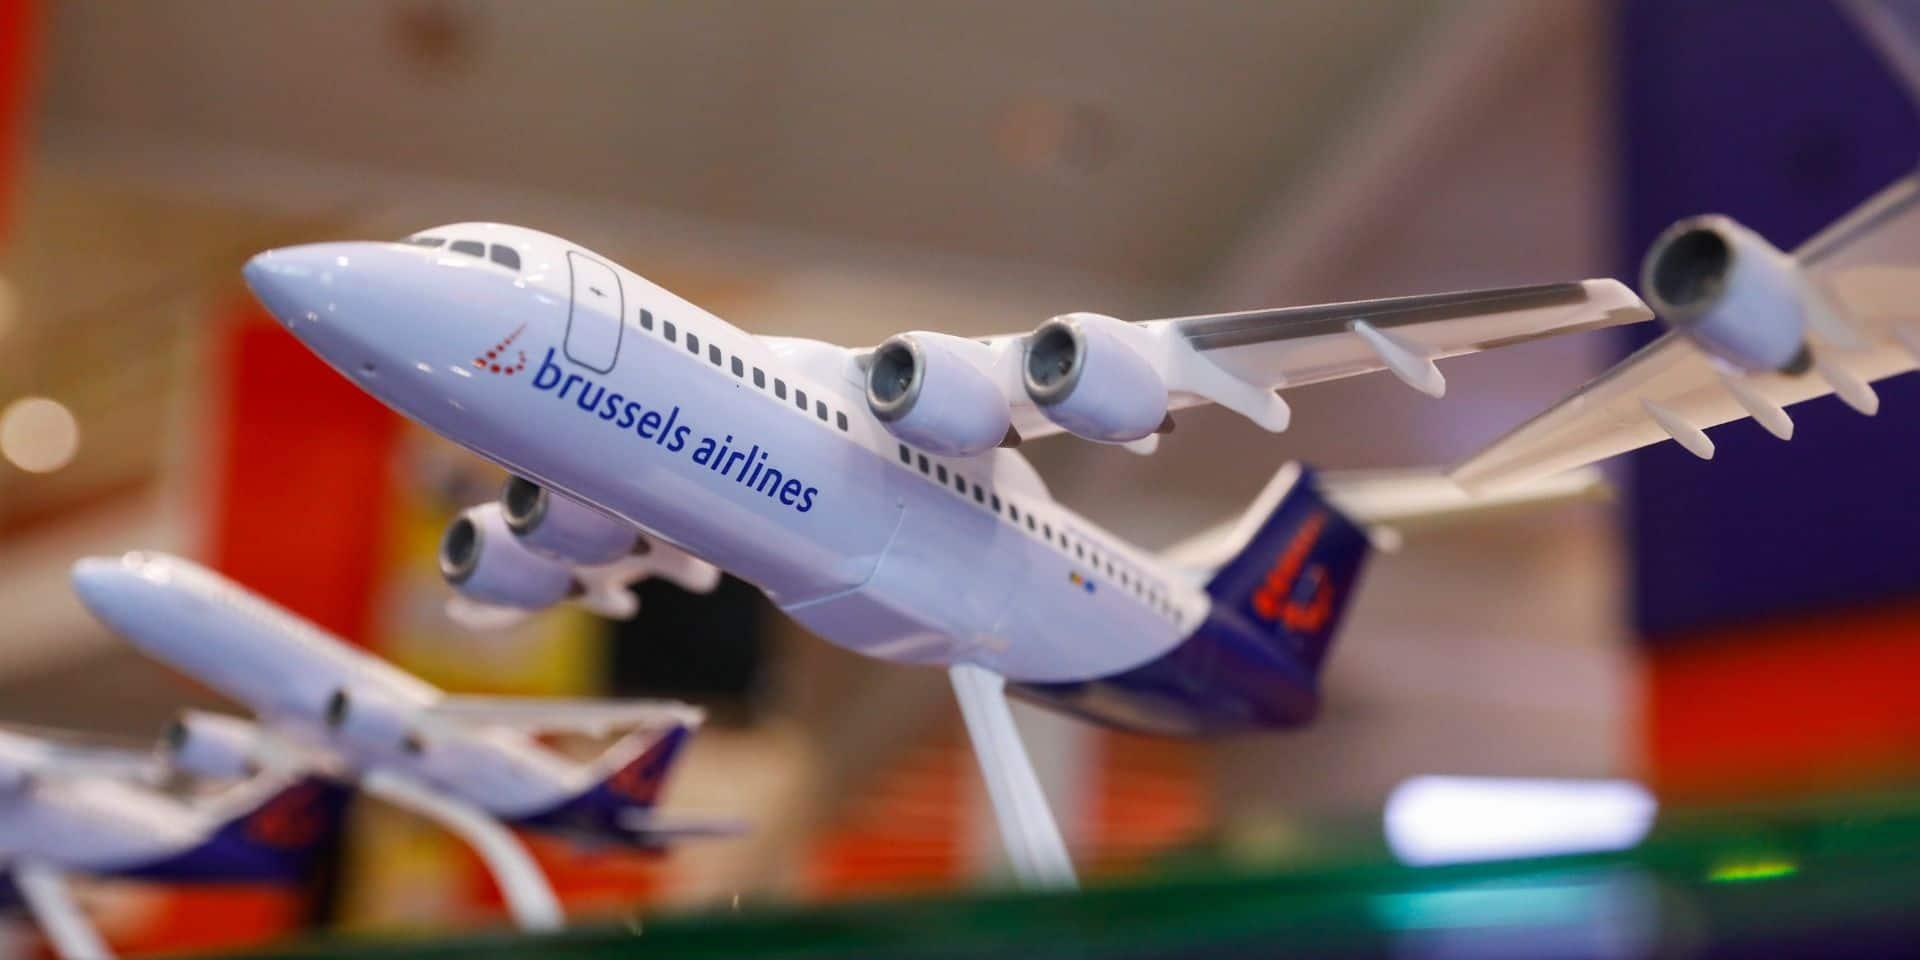 Les chiffres de passagers de Brussels Airlines à nouveau distincts de ceux d'Eurowings